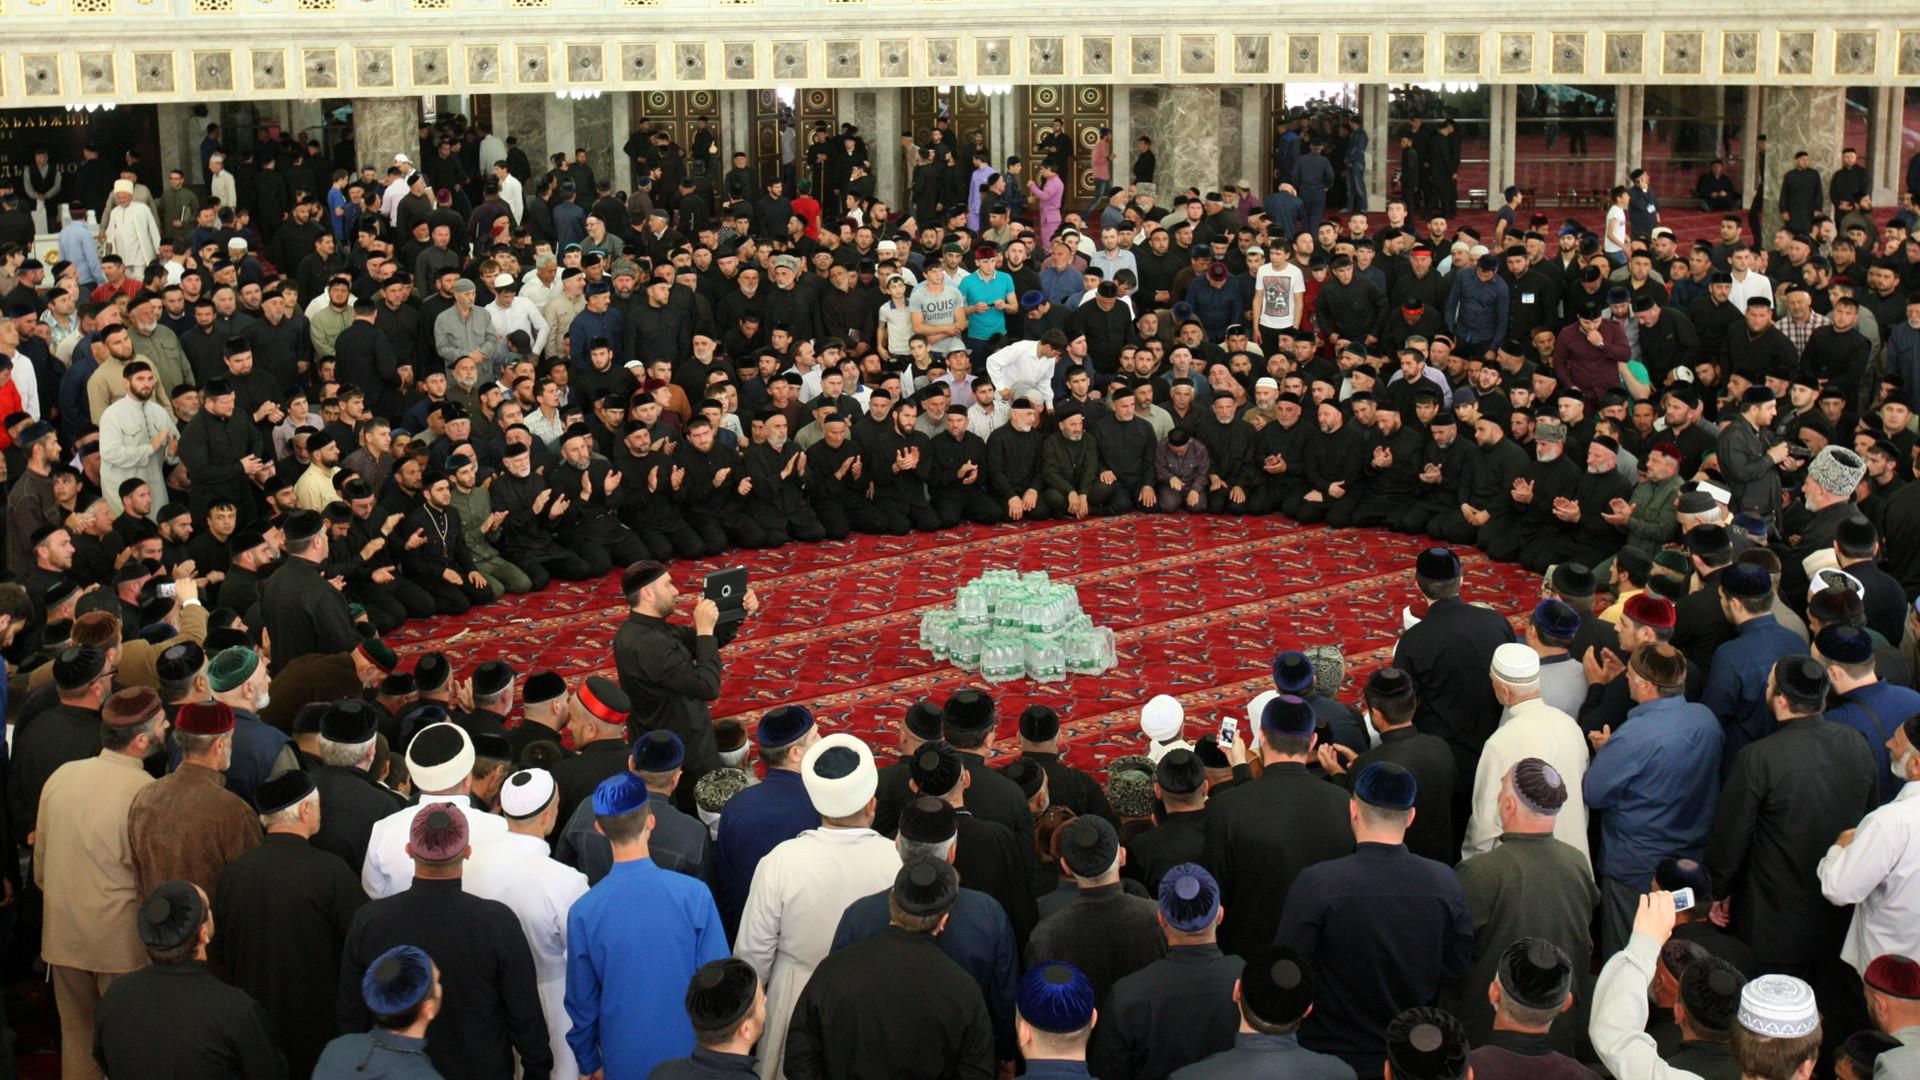 Warga Chechnya berzikir selama pembukaan Masjid Aymani Kadyrova di Kota Argun, Republik Chechnya, Rusia.